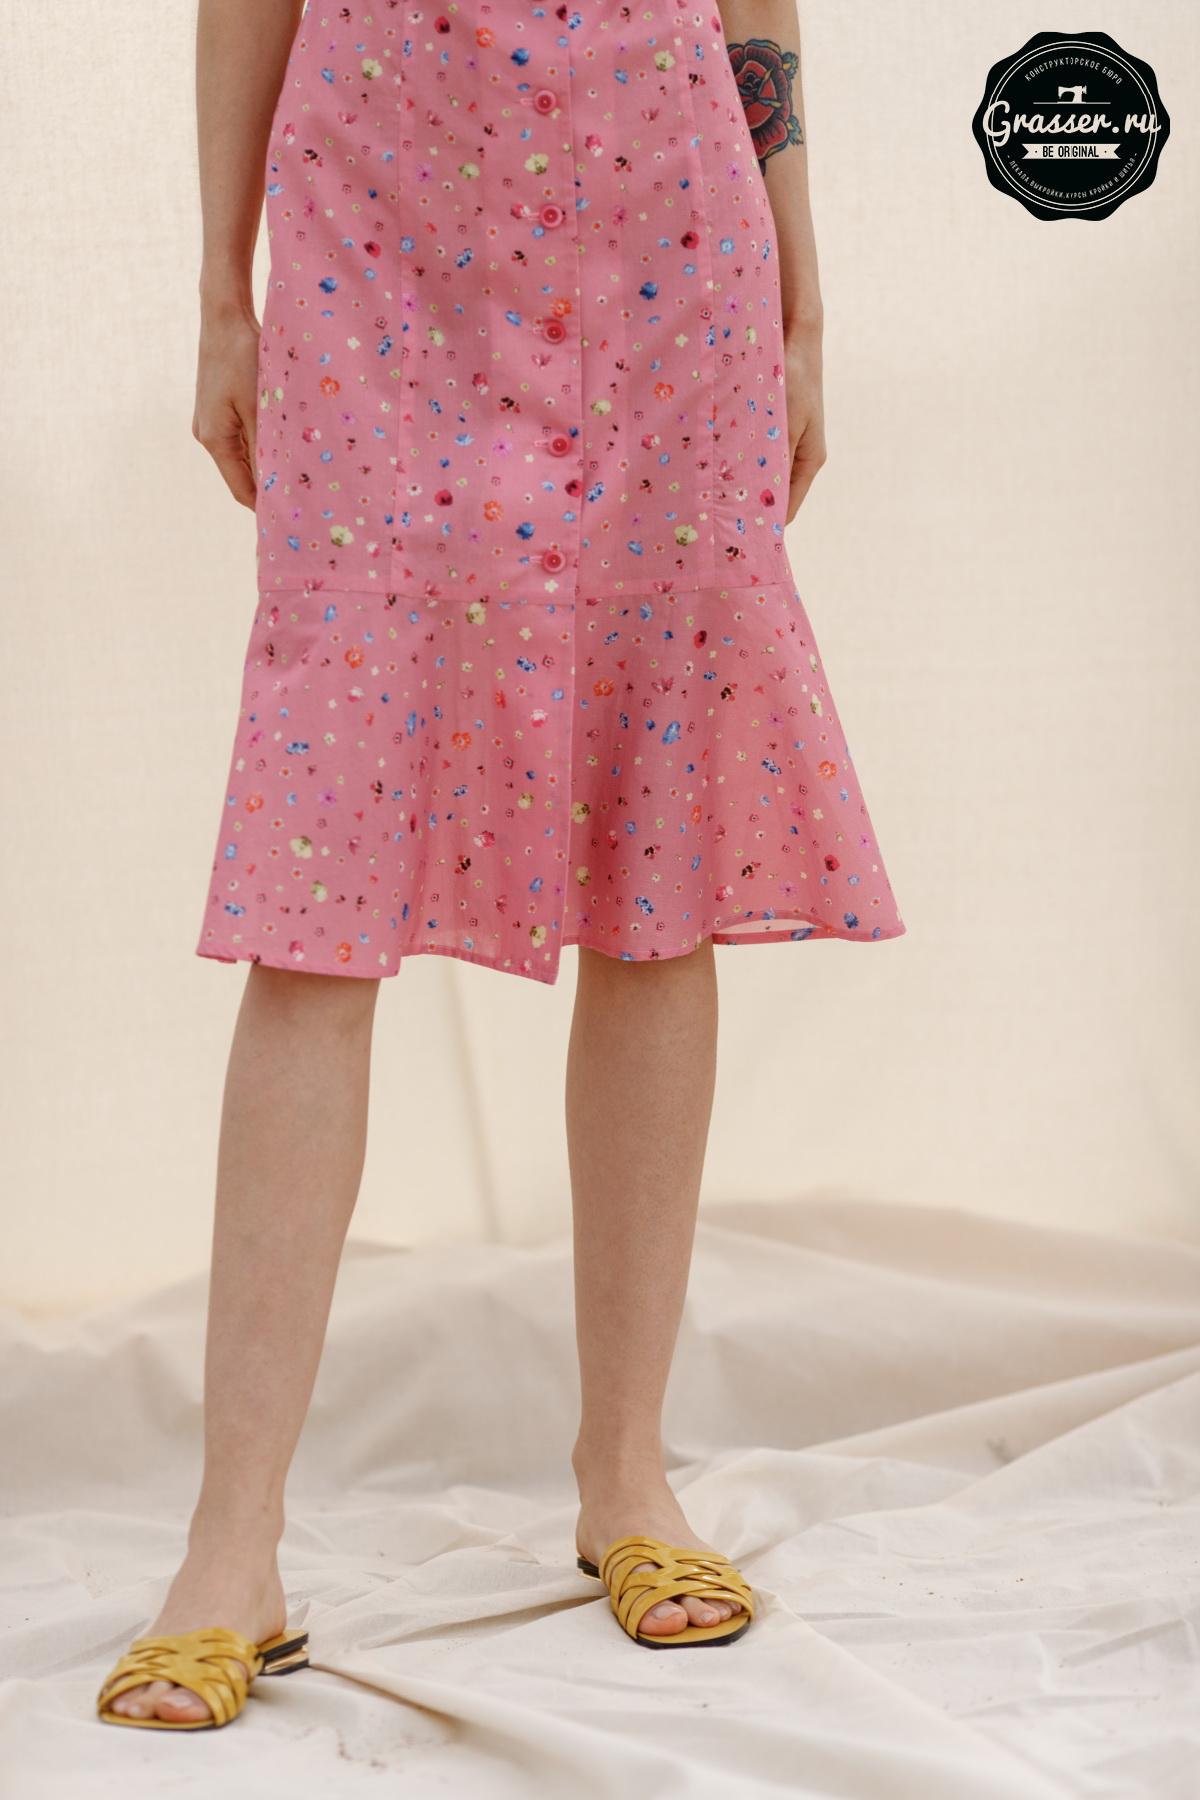 Летнее платье выкройка декоративные прищепки купить в москве